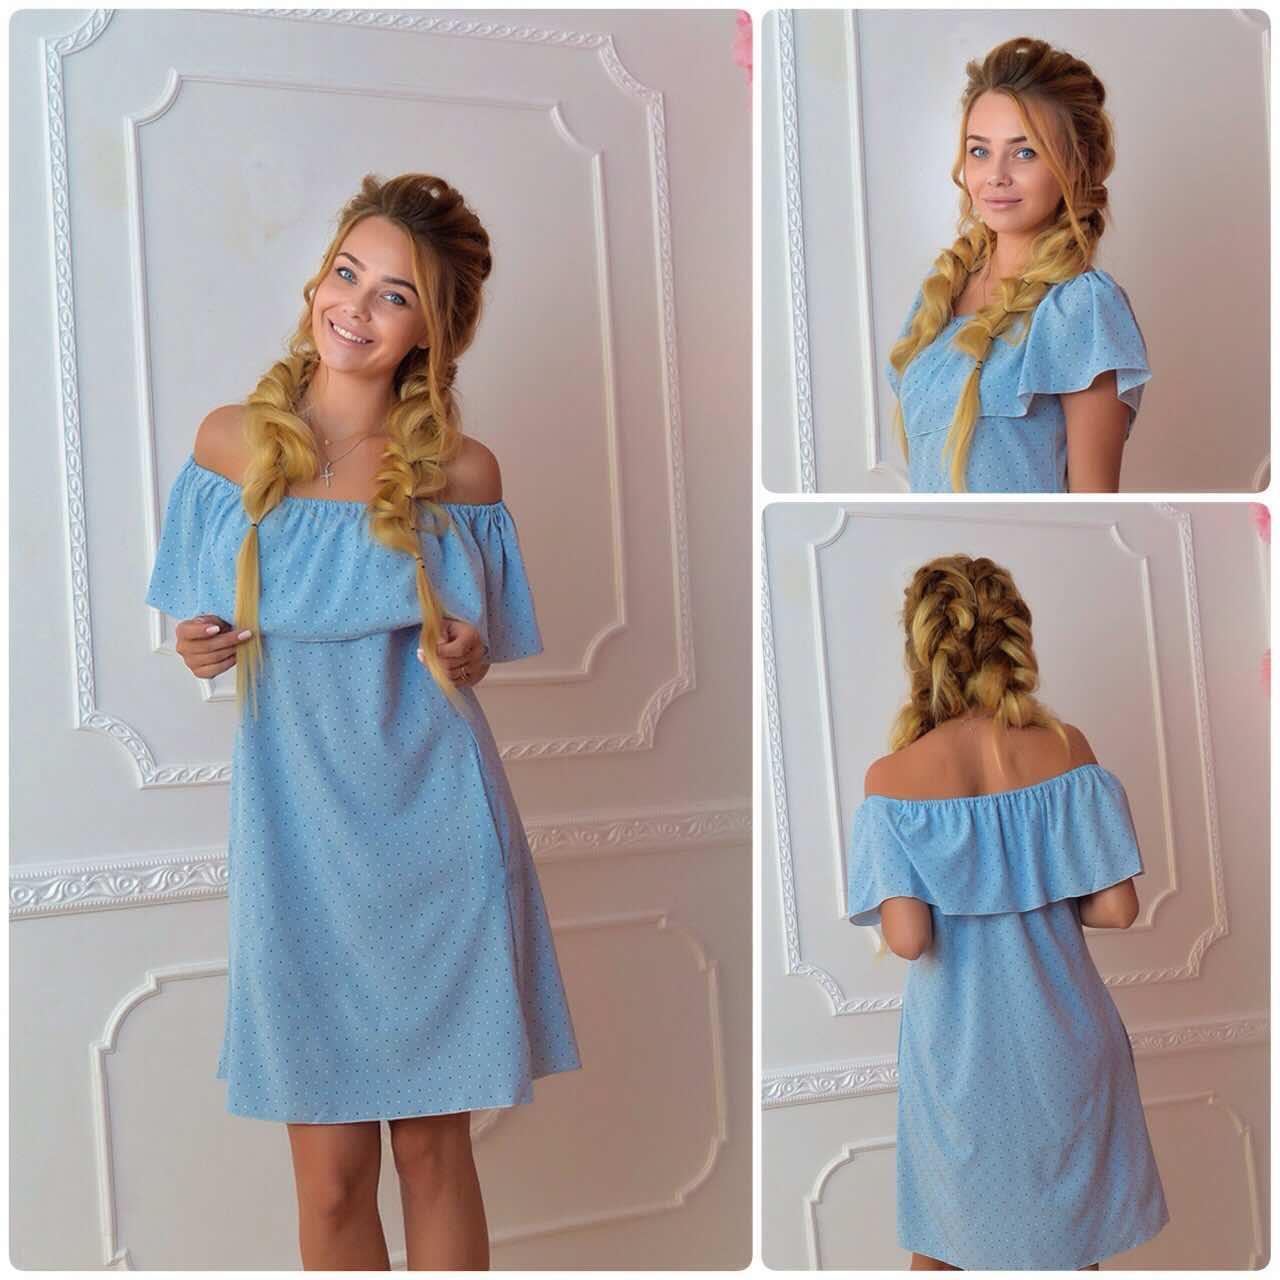 Платье 786 принт бело-синяя точечка на голубом